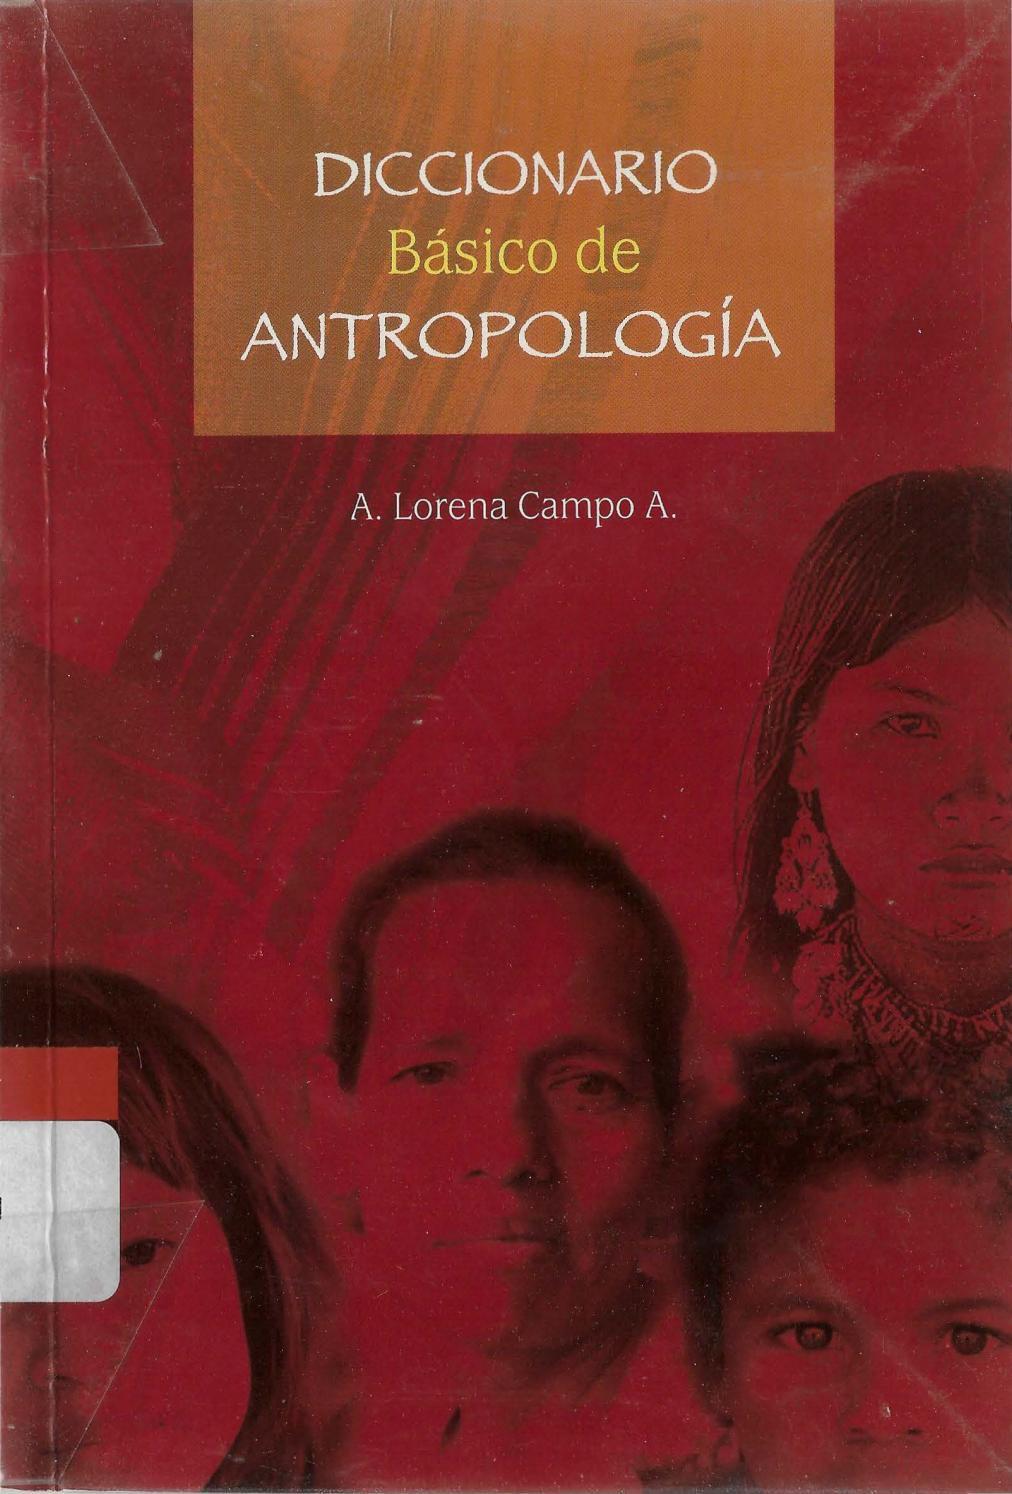 Diccionario básico de antropología.